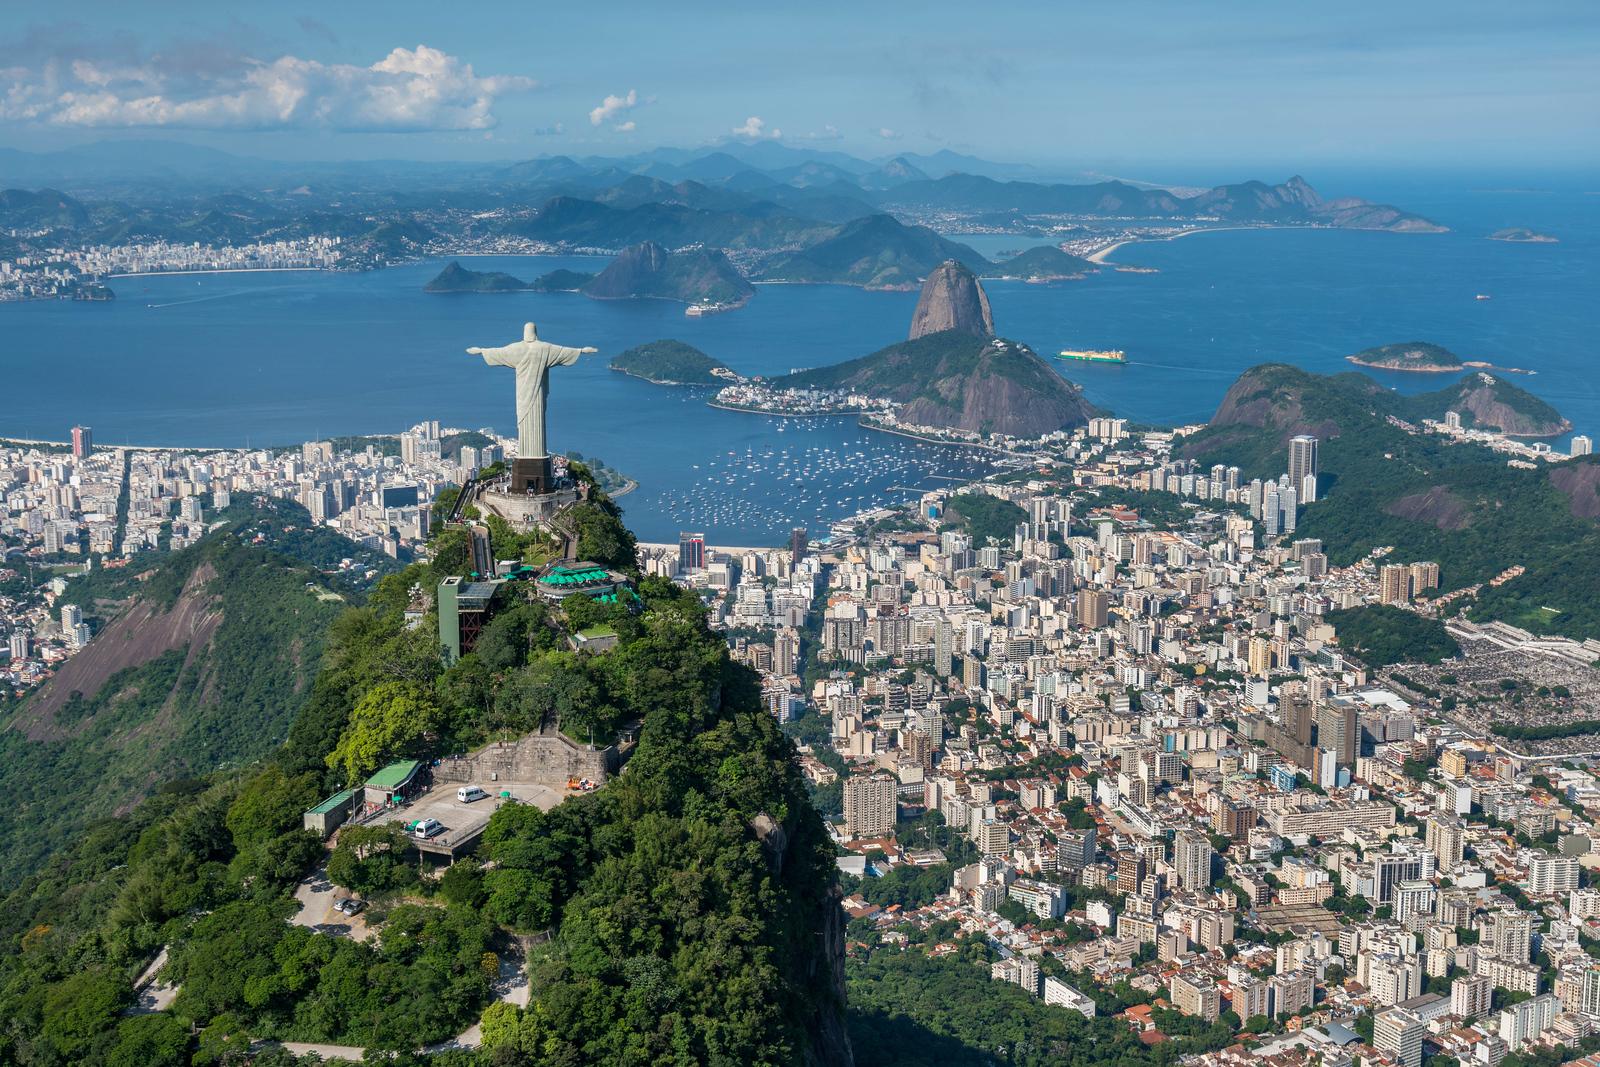 Rio de Janeiro, Brazil from Above